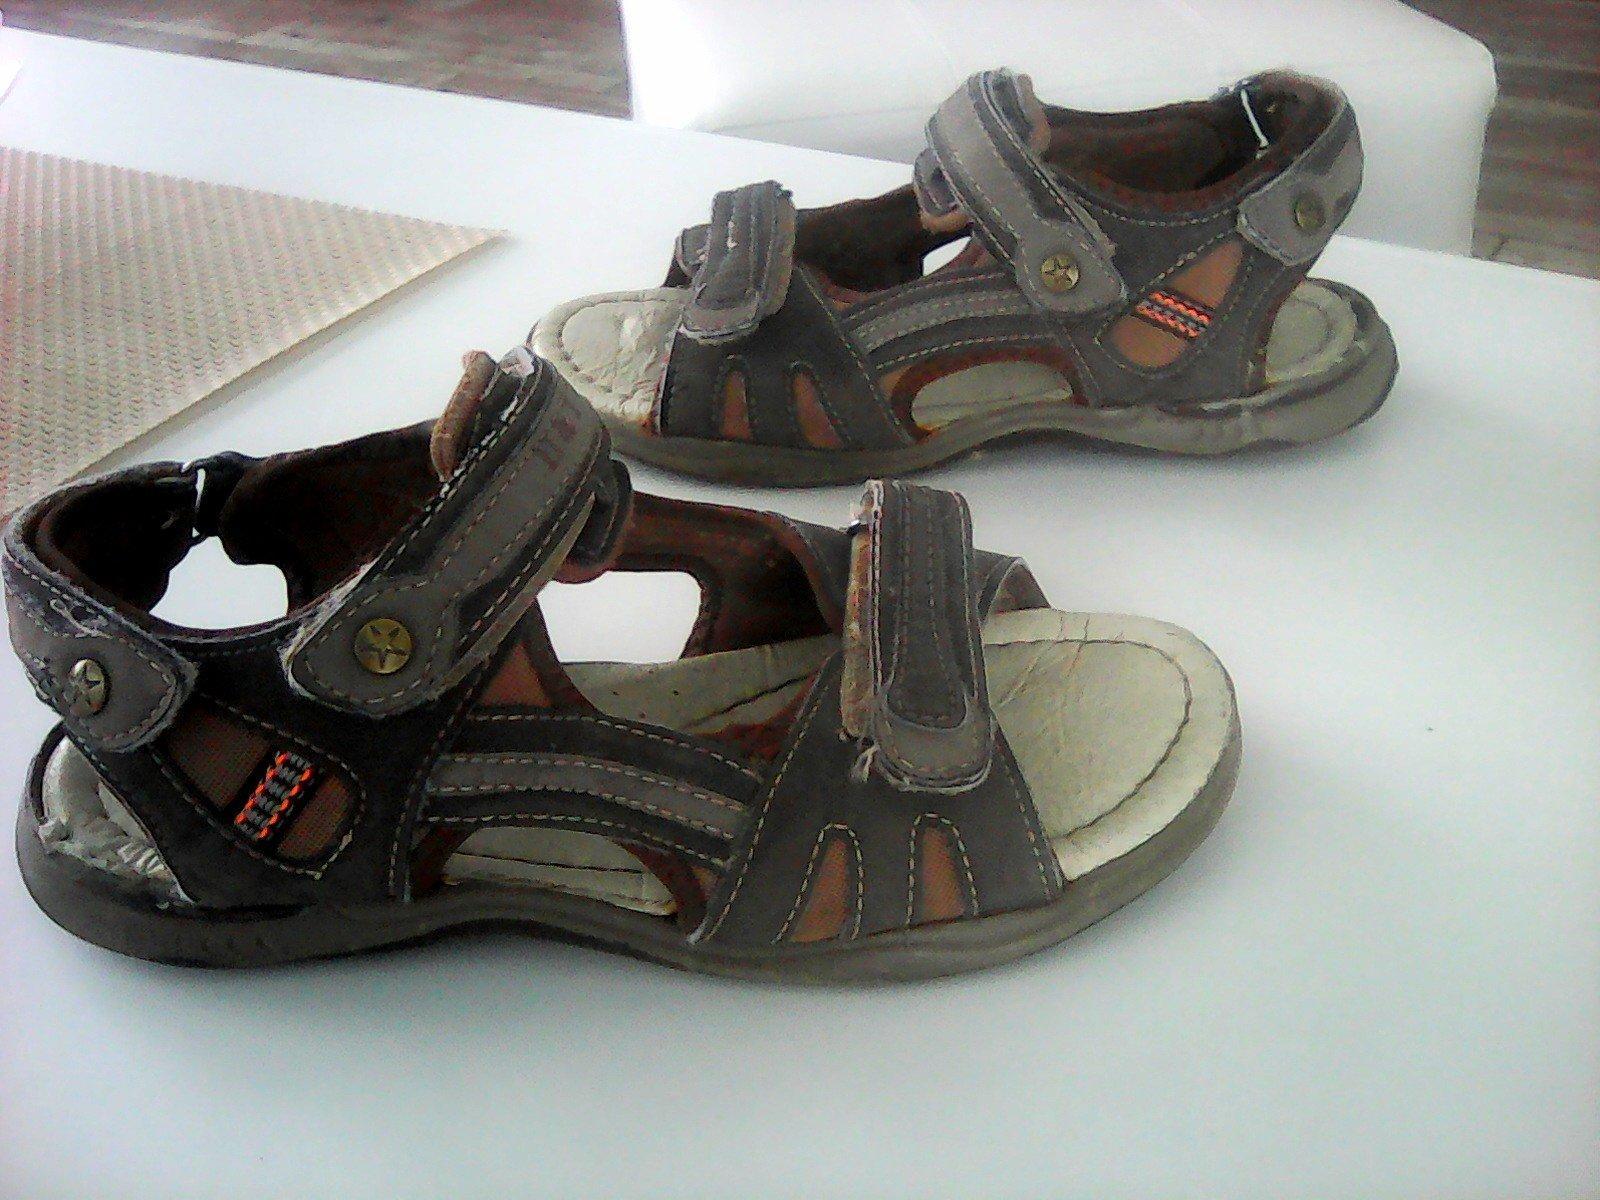 663e9130aa69 Sandále veľkosť 35